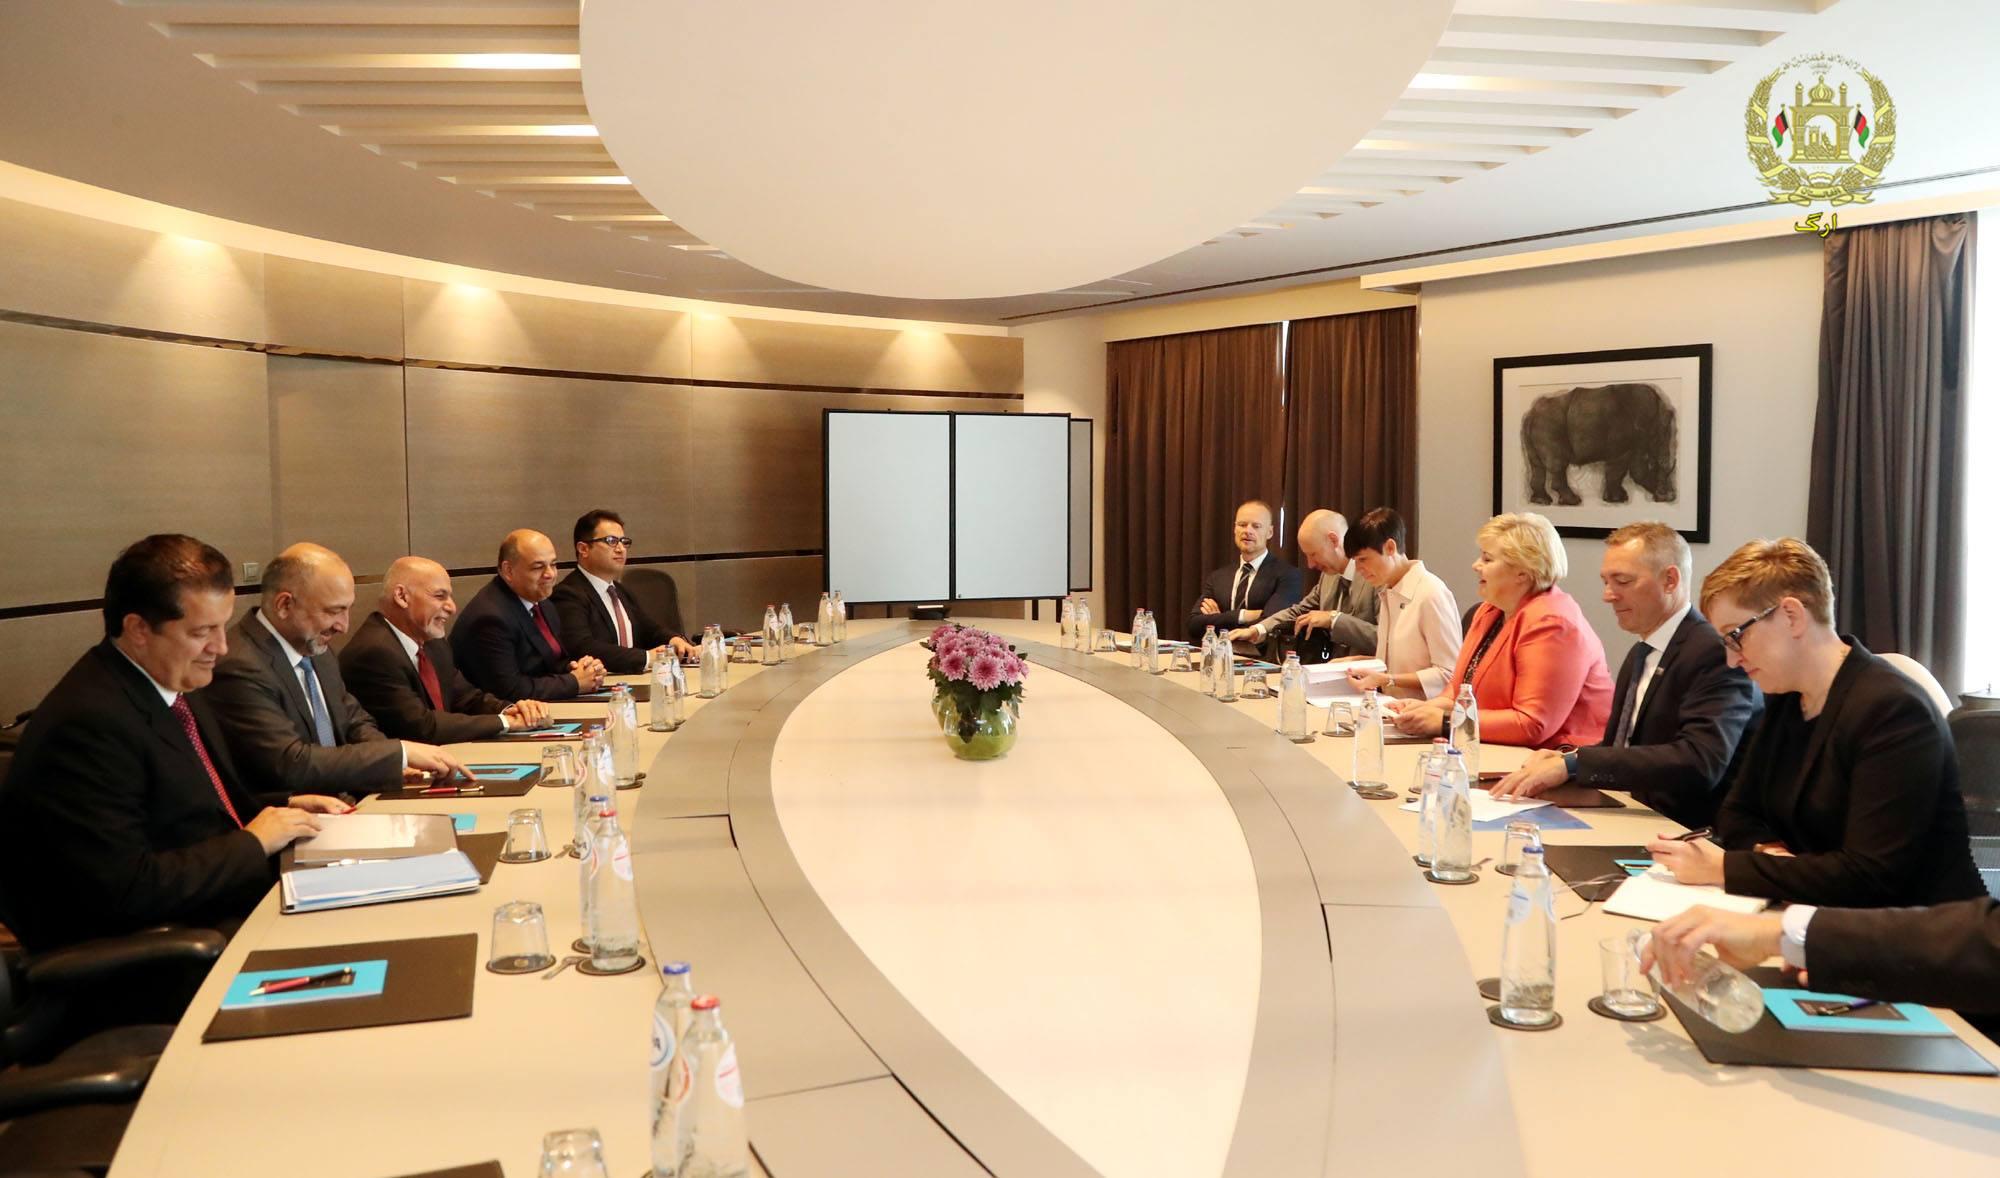 دیدار «اشرف غنی» با نخست وزیر نروژ در حاشیه نشست بروکسل